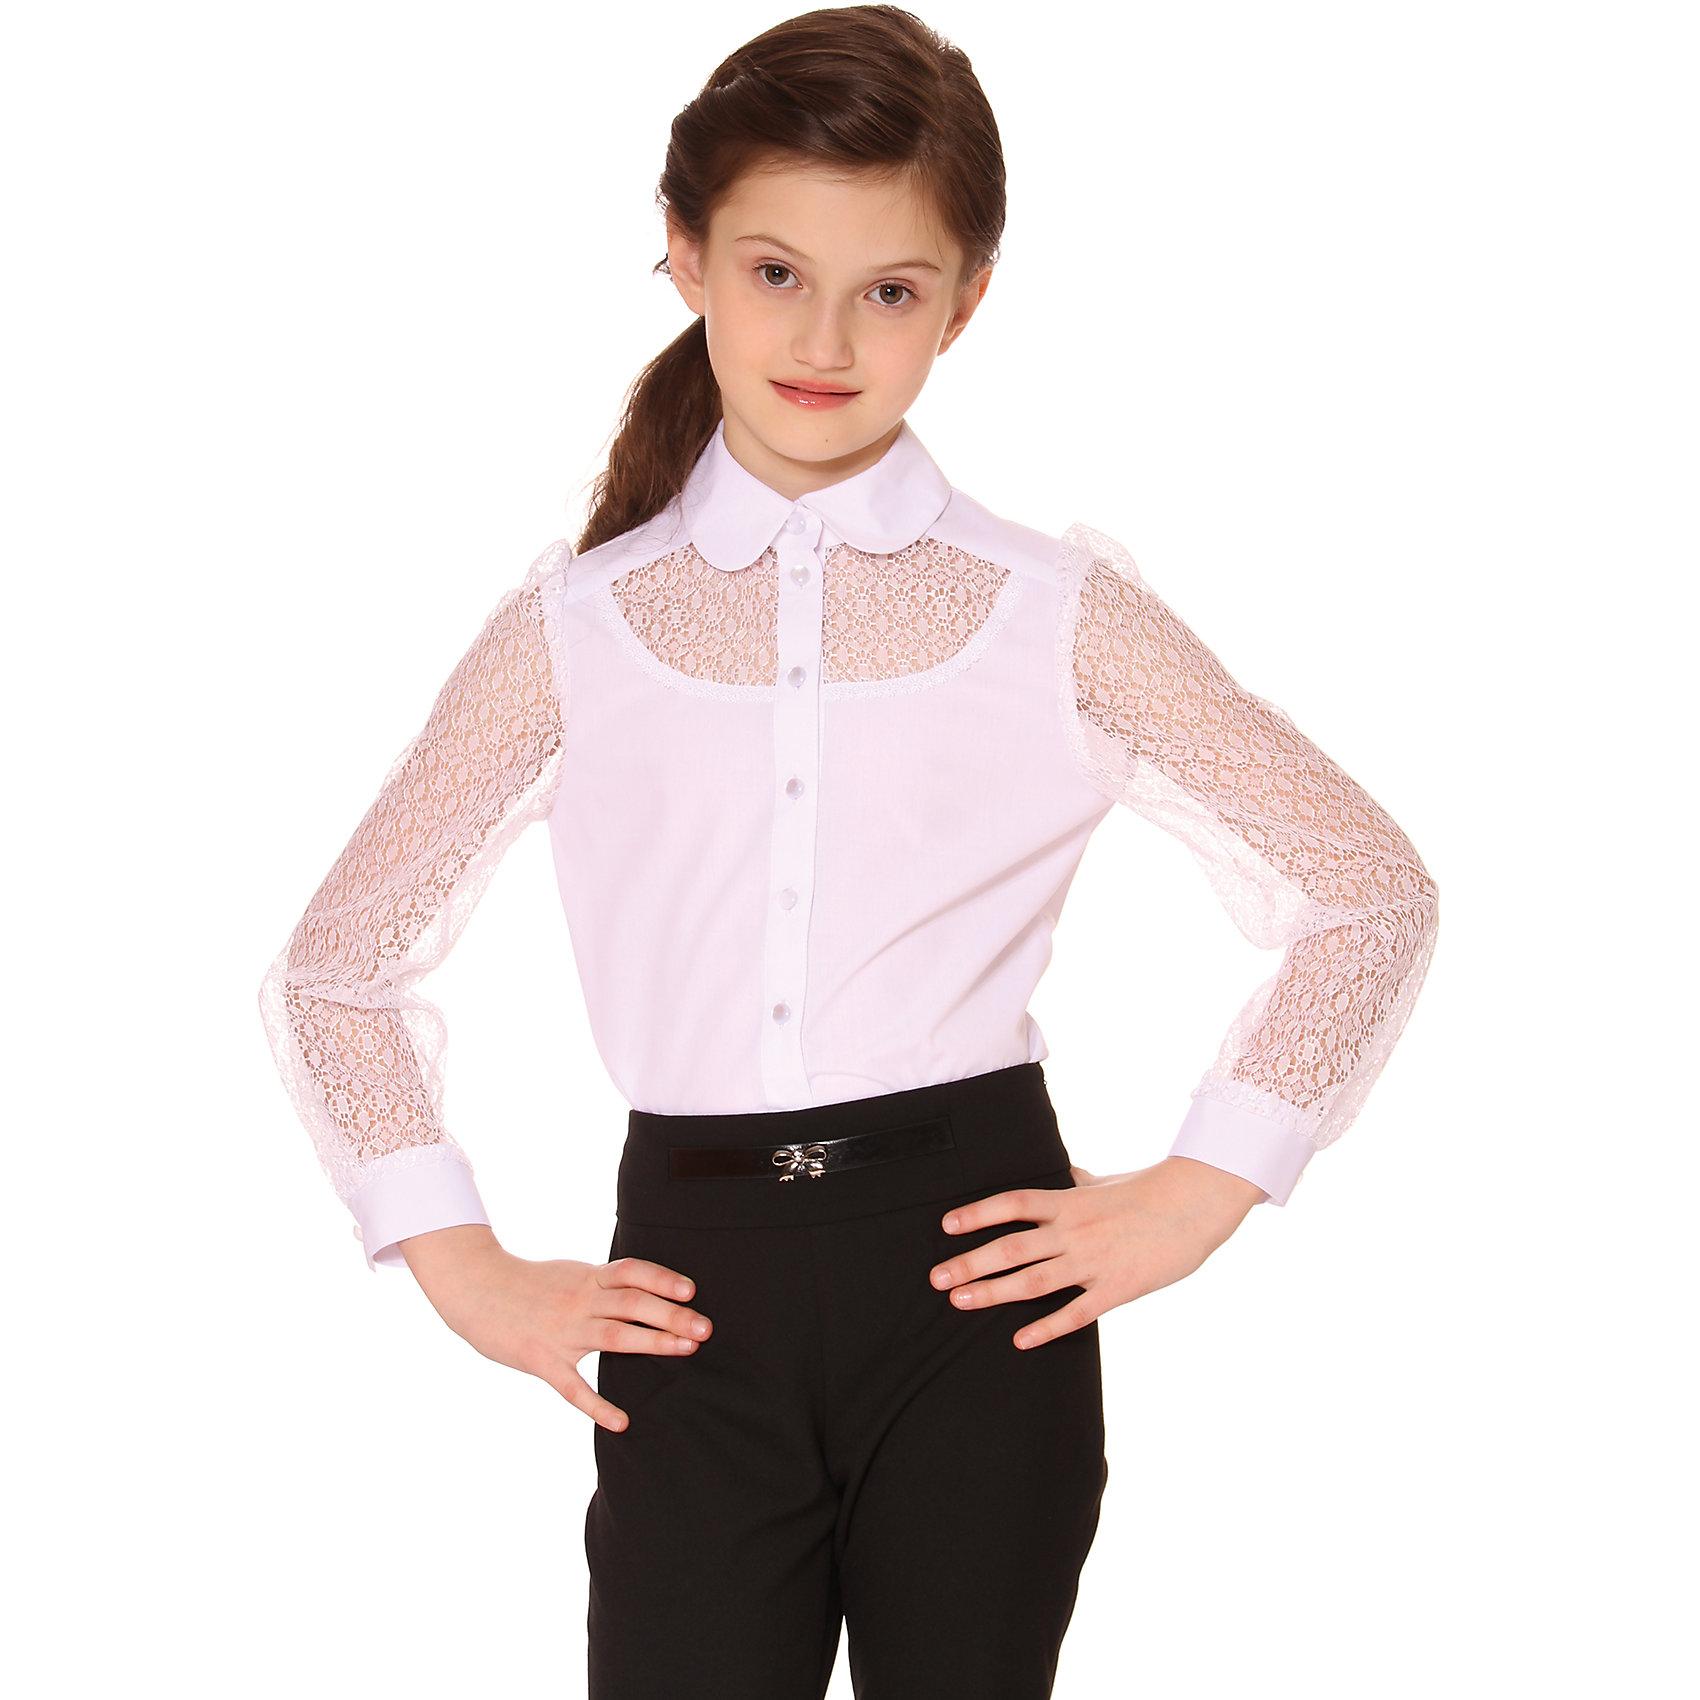 Блузка для девочки СменаБлузки и рубашки<br>Блузка для девочки от известного бренда Смена<br>Элегантная нарядная блузка с рукавами и вставками на переде из кружевного гипюра<br>Состав:<br>48%-вискоза;52%-полиэстер<br><br>Ширина мм: 186<br>Глубина мм: 87<br>Высота мм: 198<br>Вес г: 197<br>Цвет: белый<br>Возраст от месяцев: 72<br>Возраст до месяцев: 84<br>Пол: Женский<br>Возраст: Детский<br>Размер: 122,158,152,146,140,134,128<br>SKU: 4720390